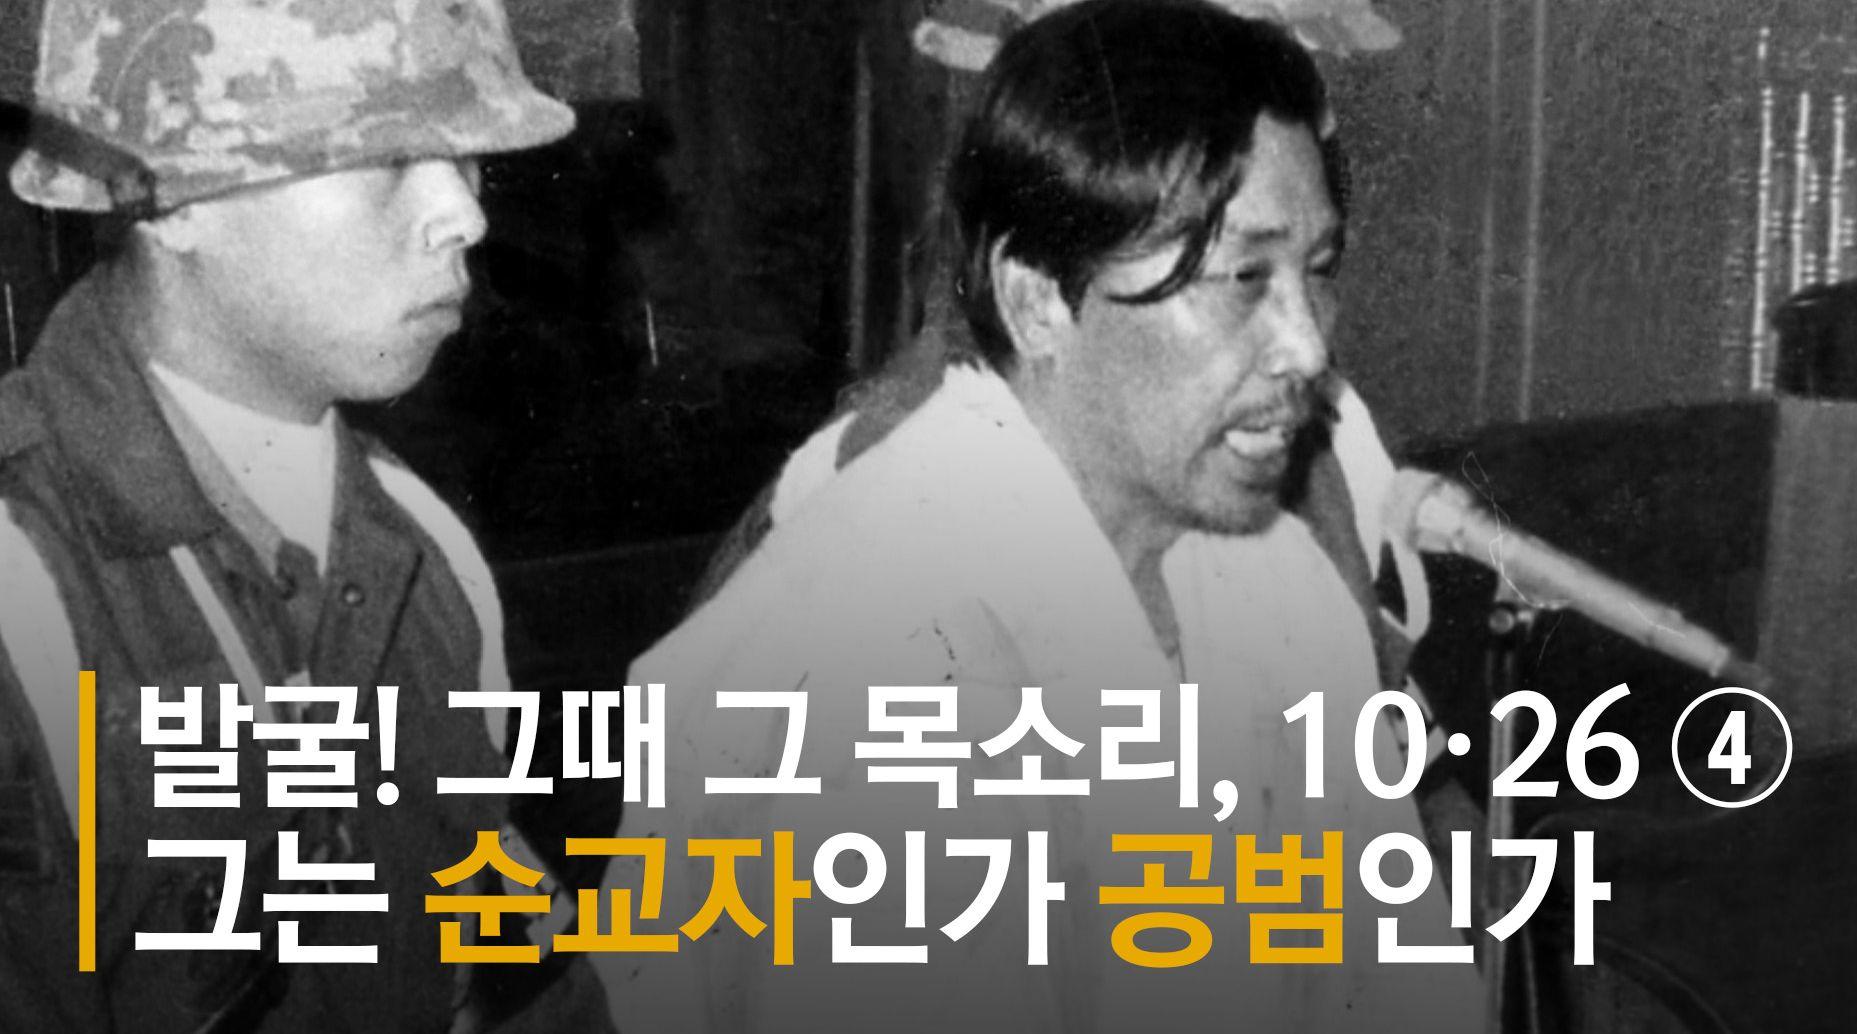 """김재규 """"유신 헌법을 놓고 볼때···"""" 판사 """"진술 그만하세요"""""""